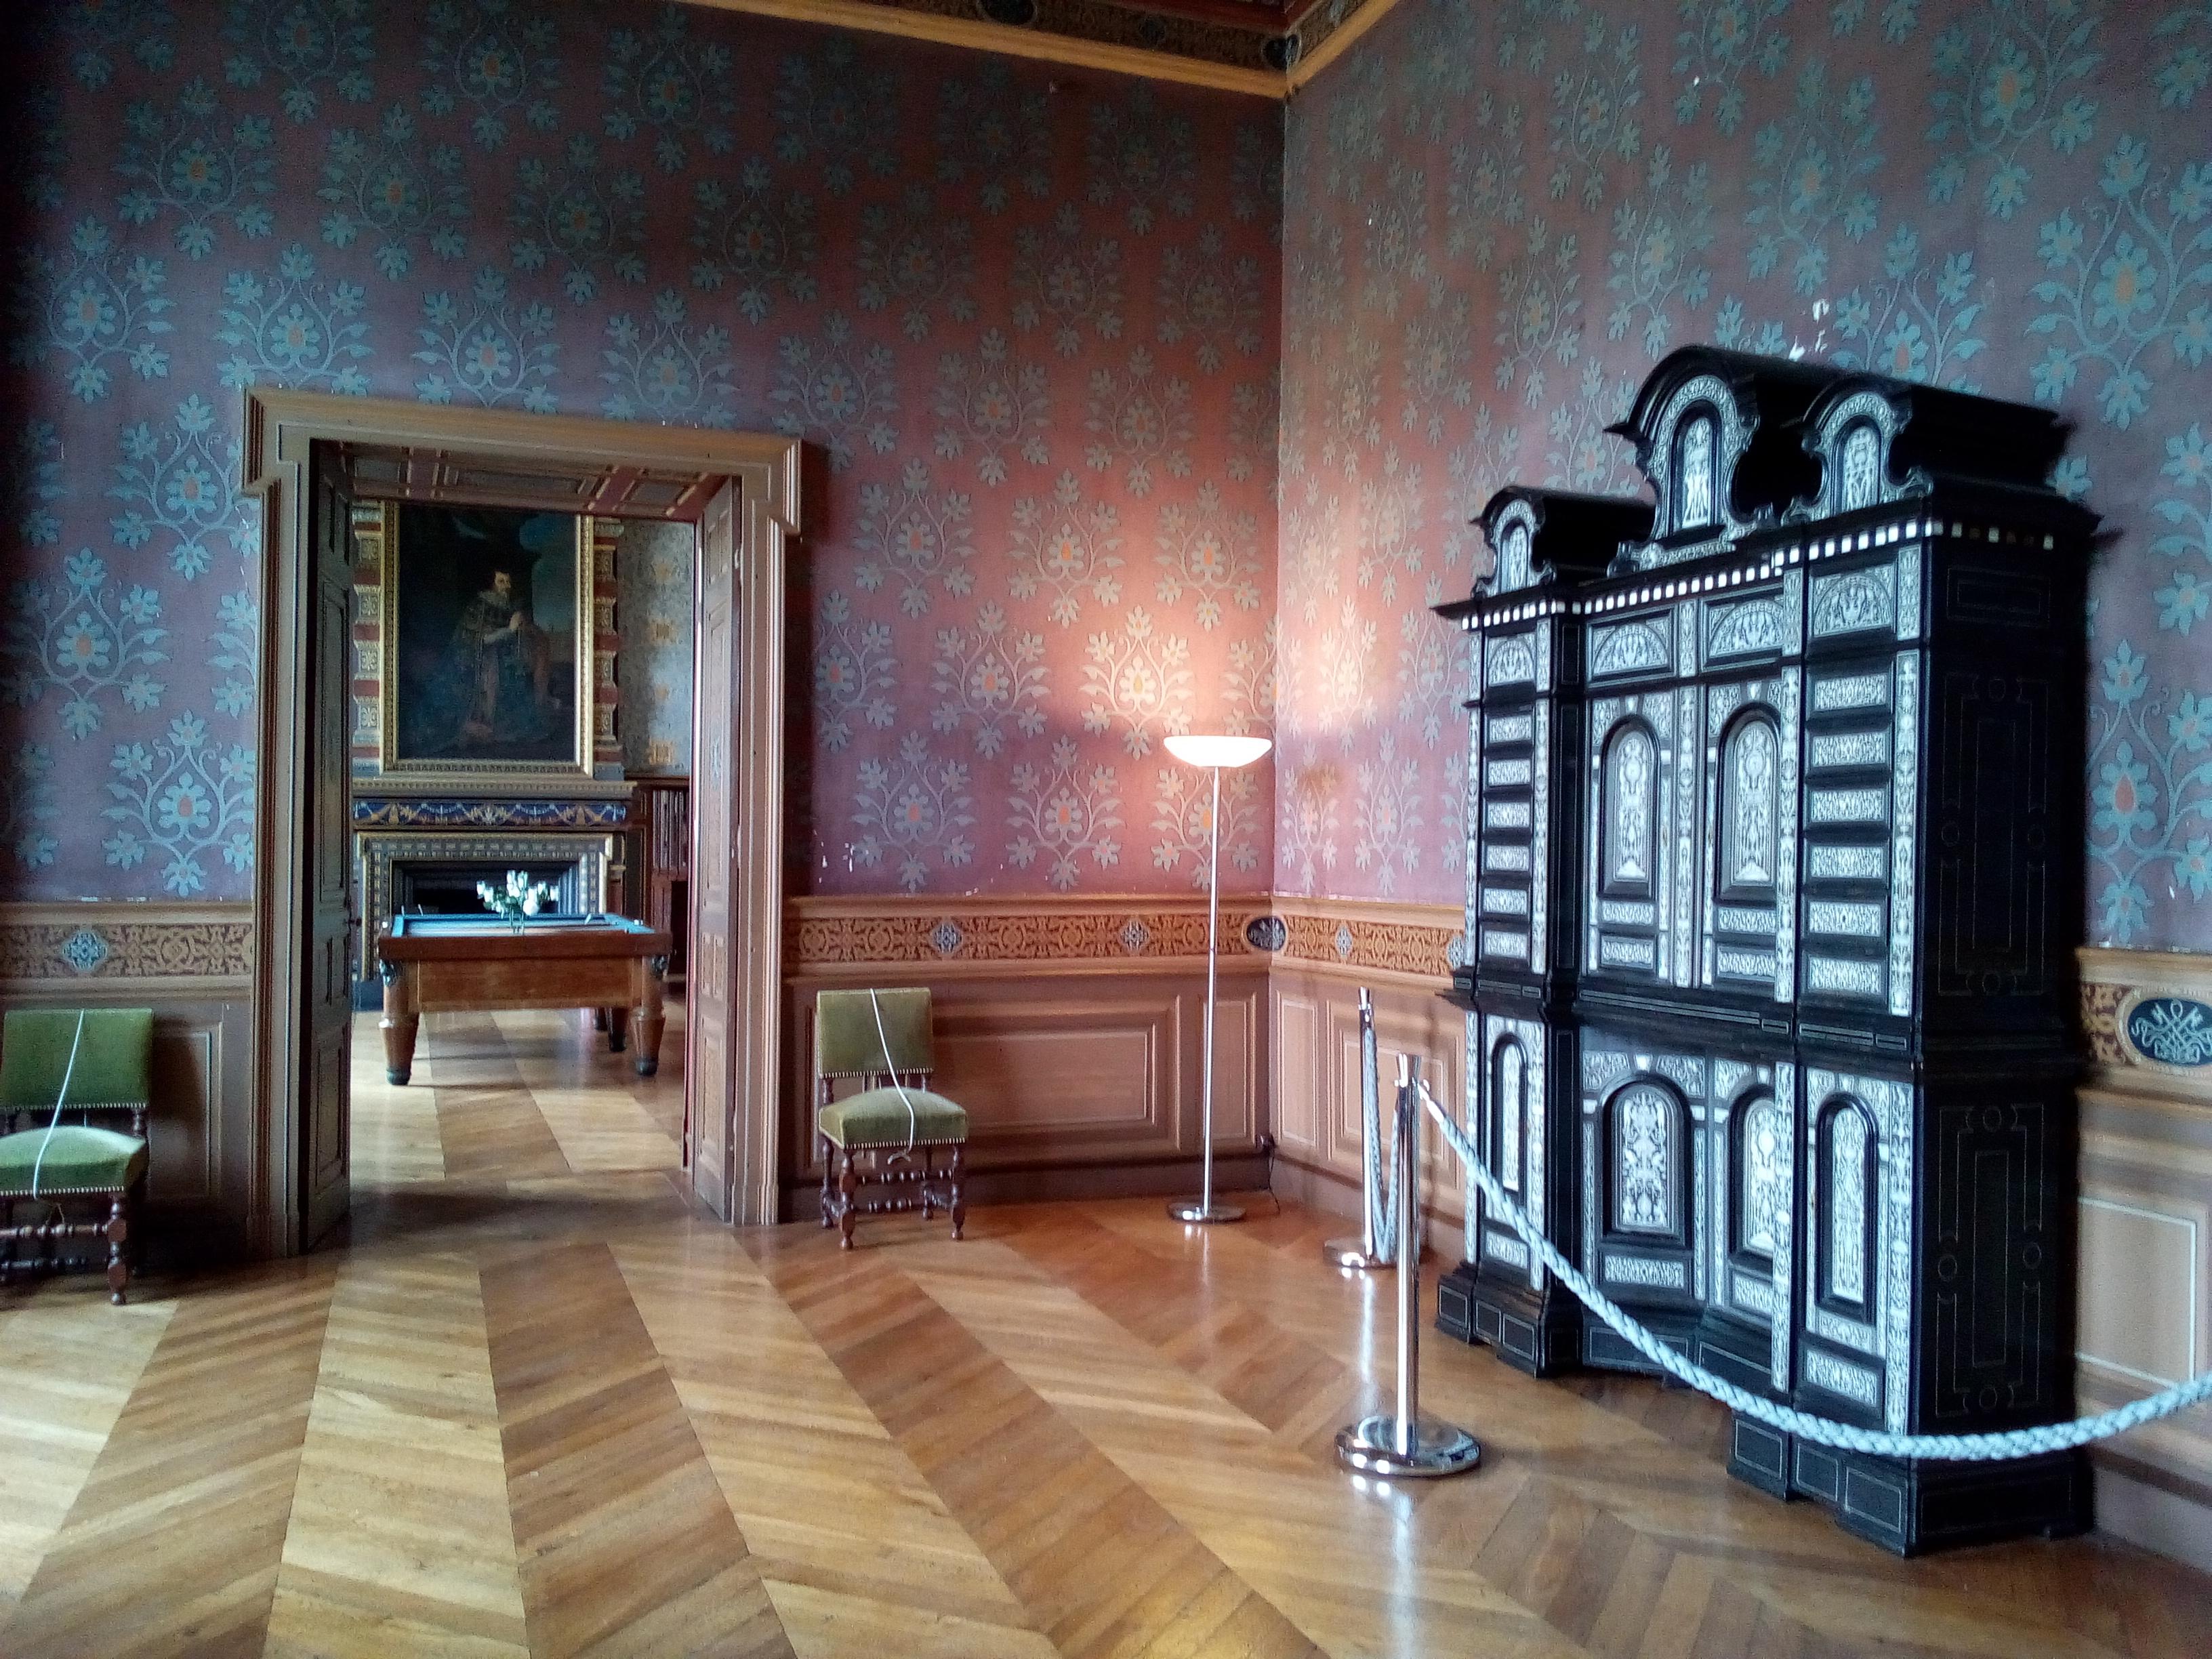 Château d'Ancy-le-Franc Cabinet florentin du Salon Mauve